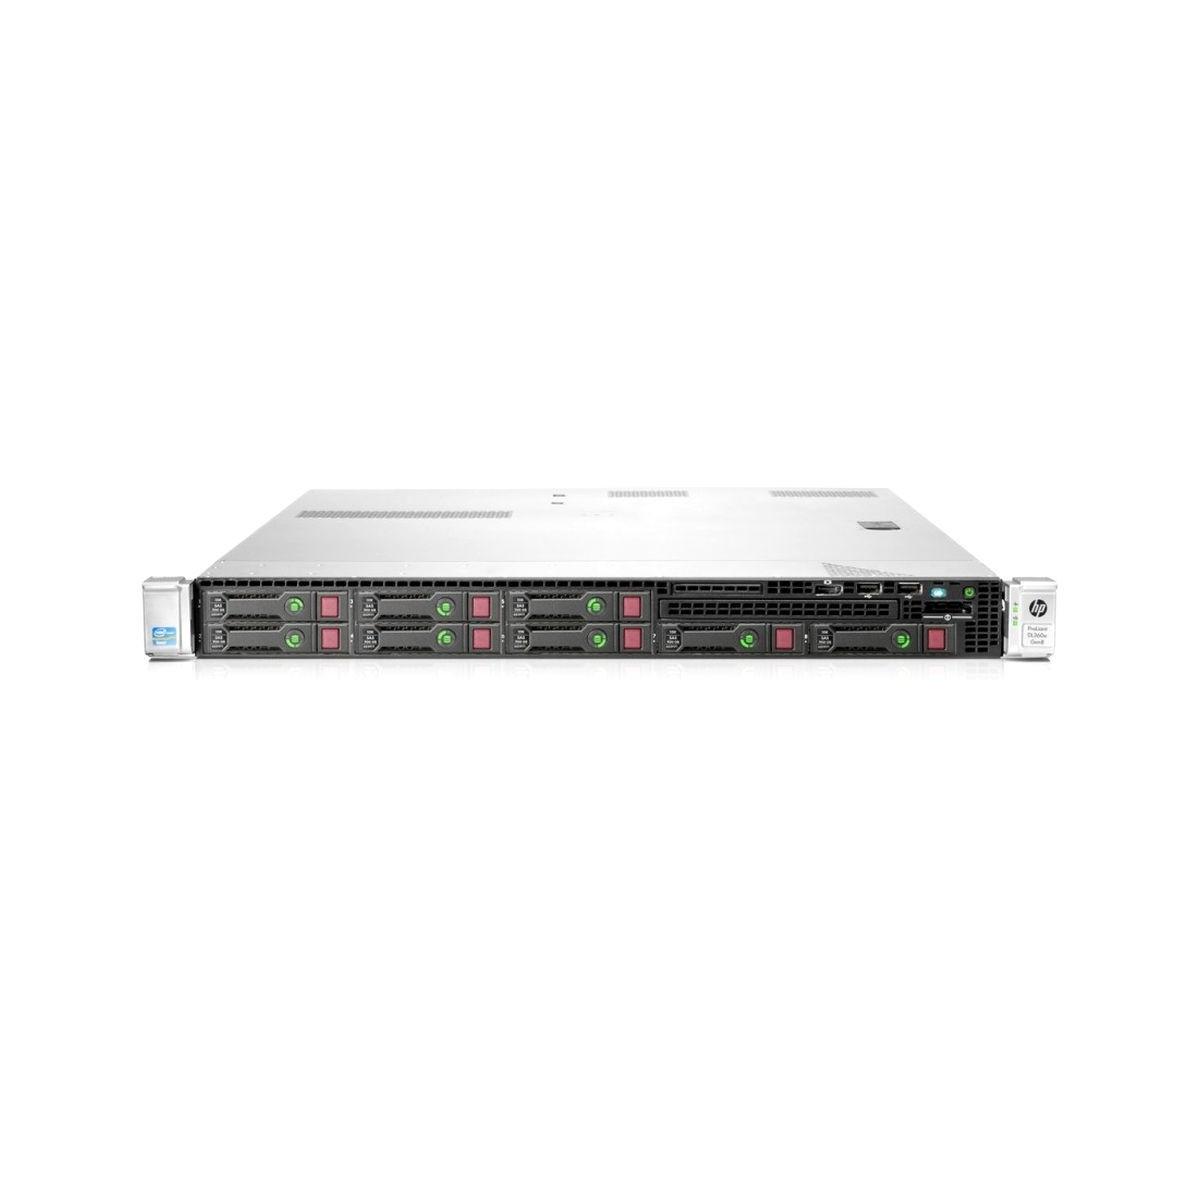 HP DL360e G8 QC E5 16GB 2x250GB SSD 2xPSU B320i